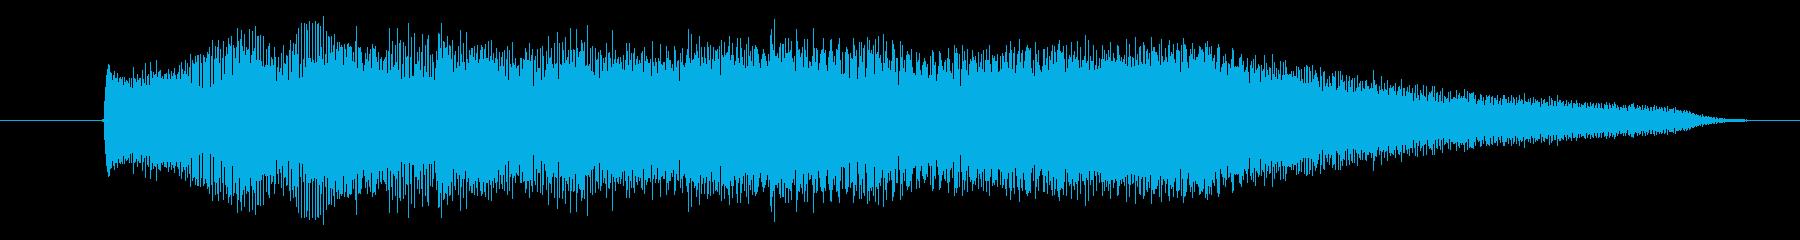 ホラー、怖い、不協和音の弦、おもち...の再生済みの波形